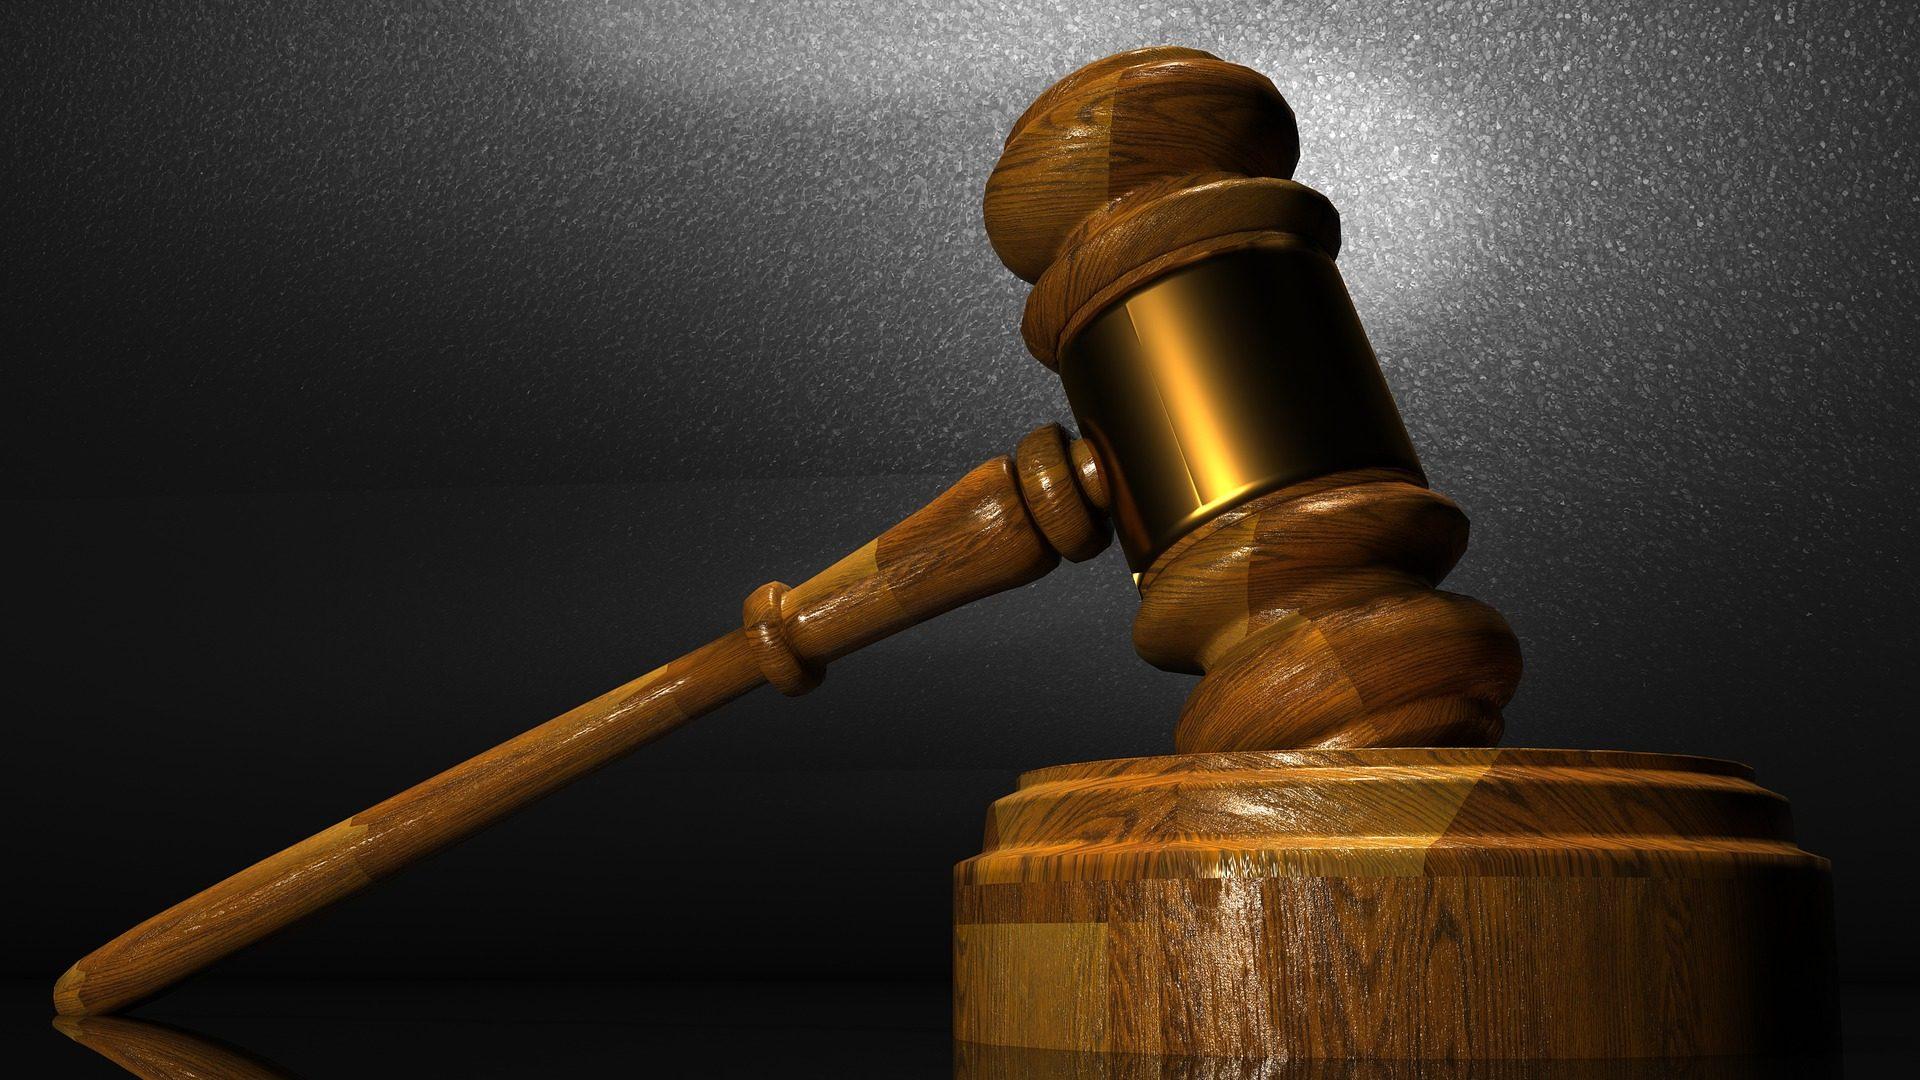 בית הדין של הלשכה בצו זמני לוועד המנהל: יש לגבות דמי חבר לפי התקנון ואין להעניק הנחות מעבר לקבוע בו